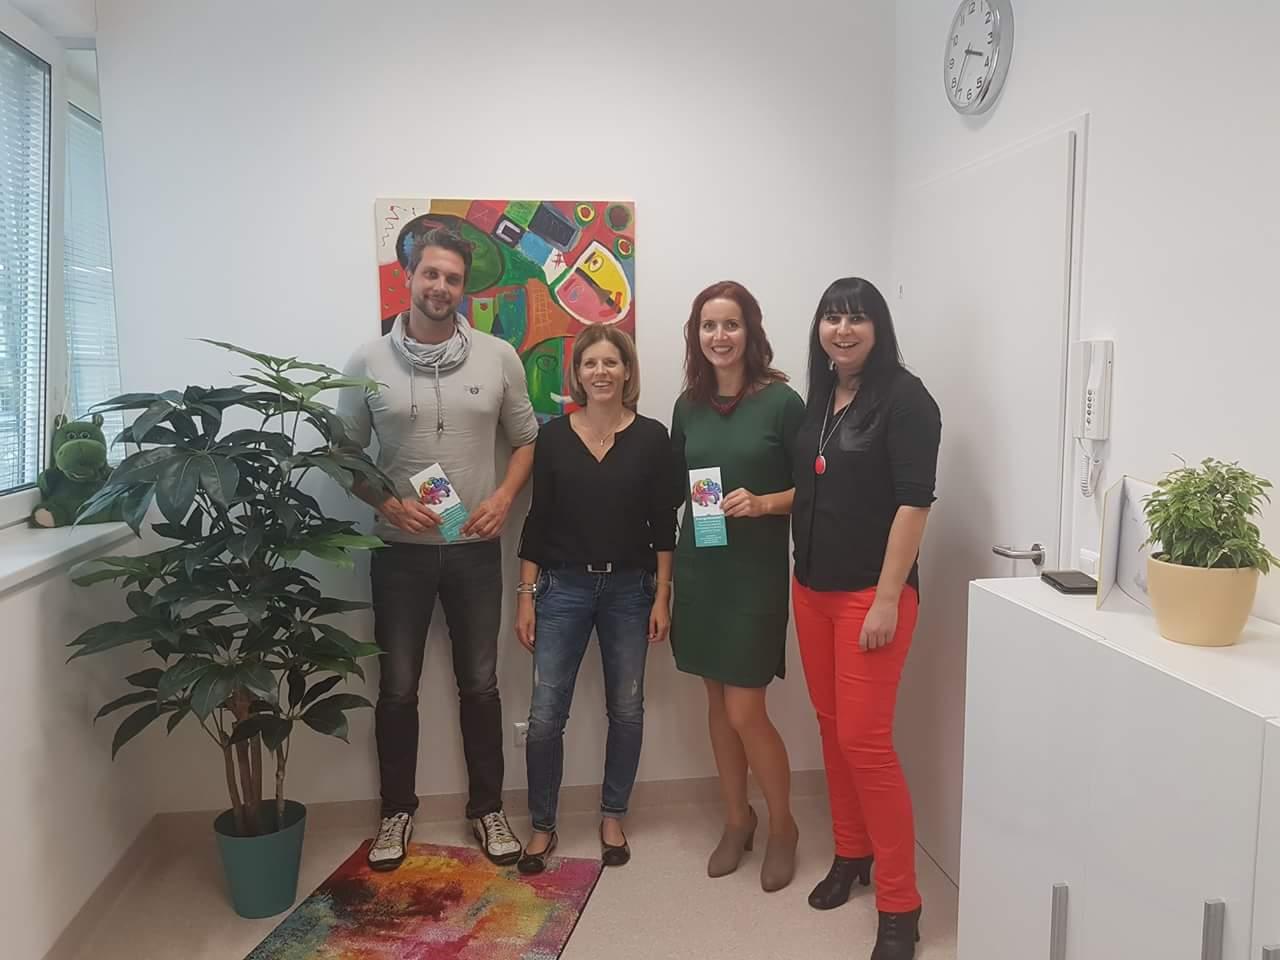 Unsere Kooperationspartnerinnen Ines Anette Steinthaler (Lernbetreuung, Stress- & Burnoutprophylaxe) und Anya Bestebner (Logopädie, alle Kassen)